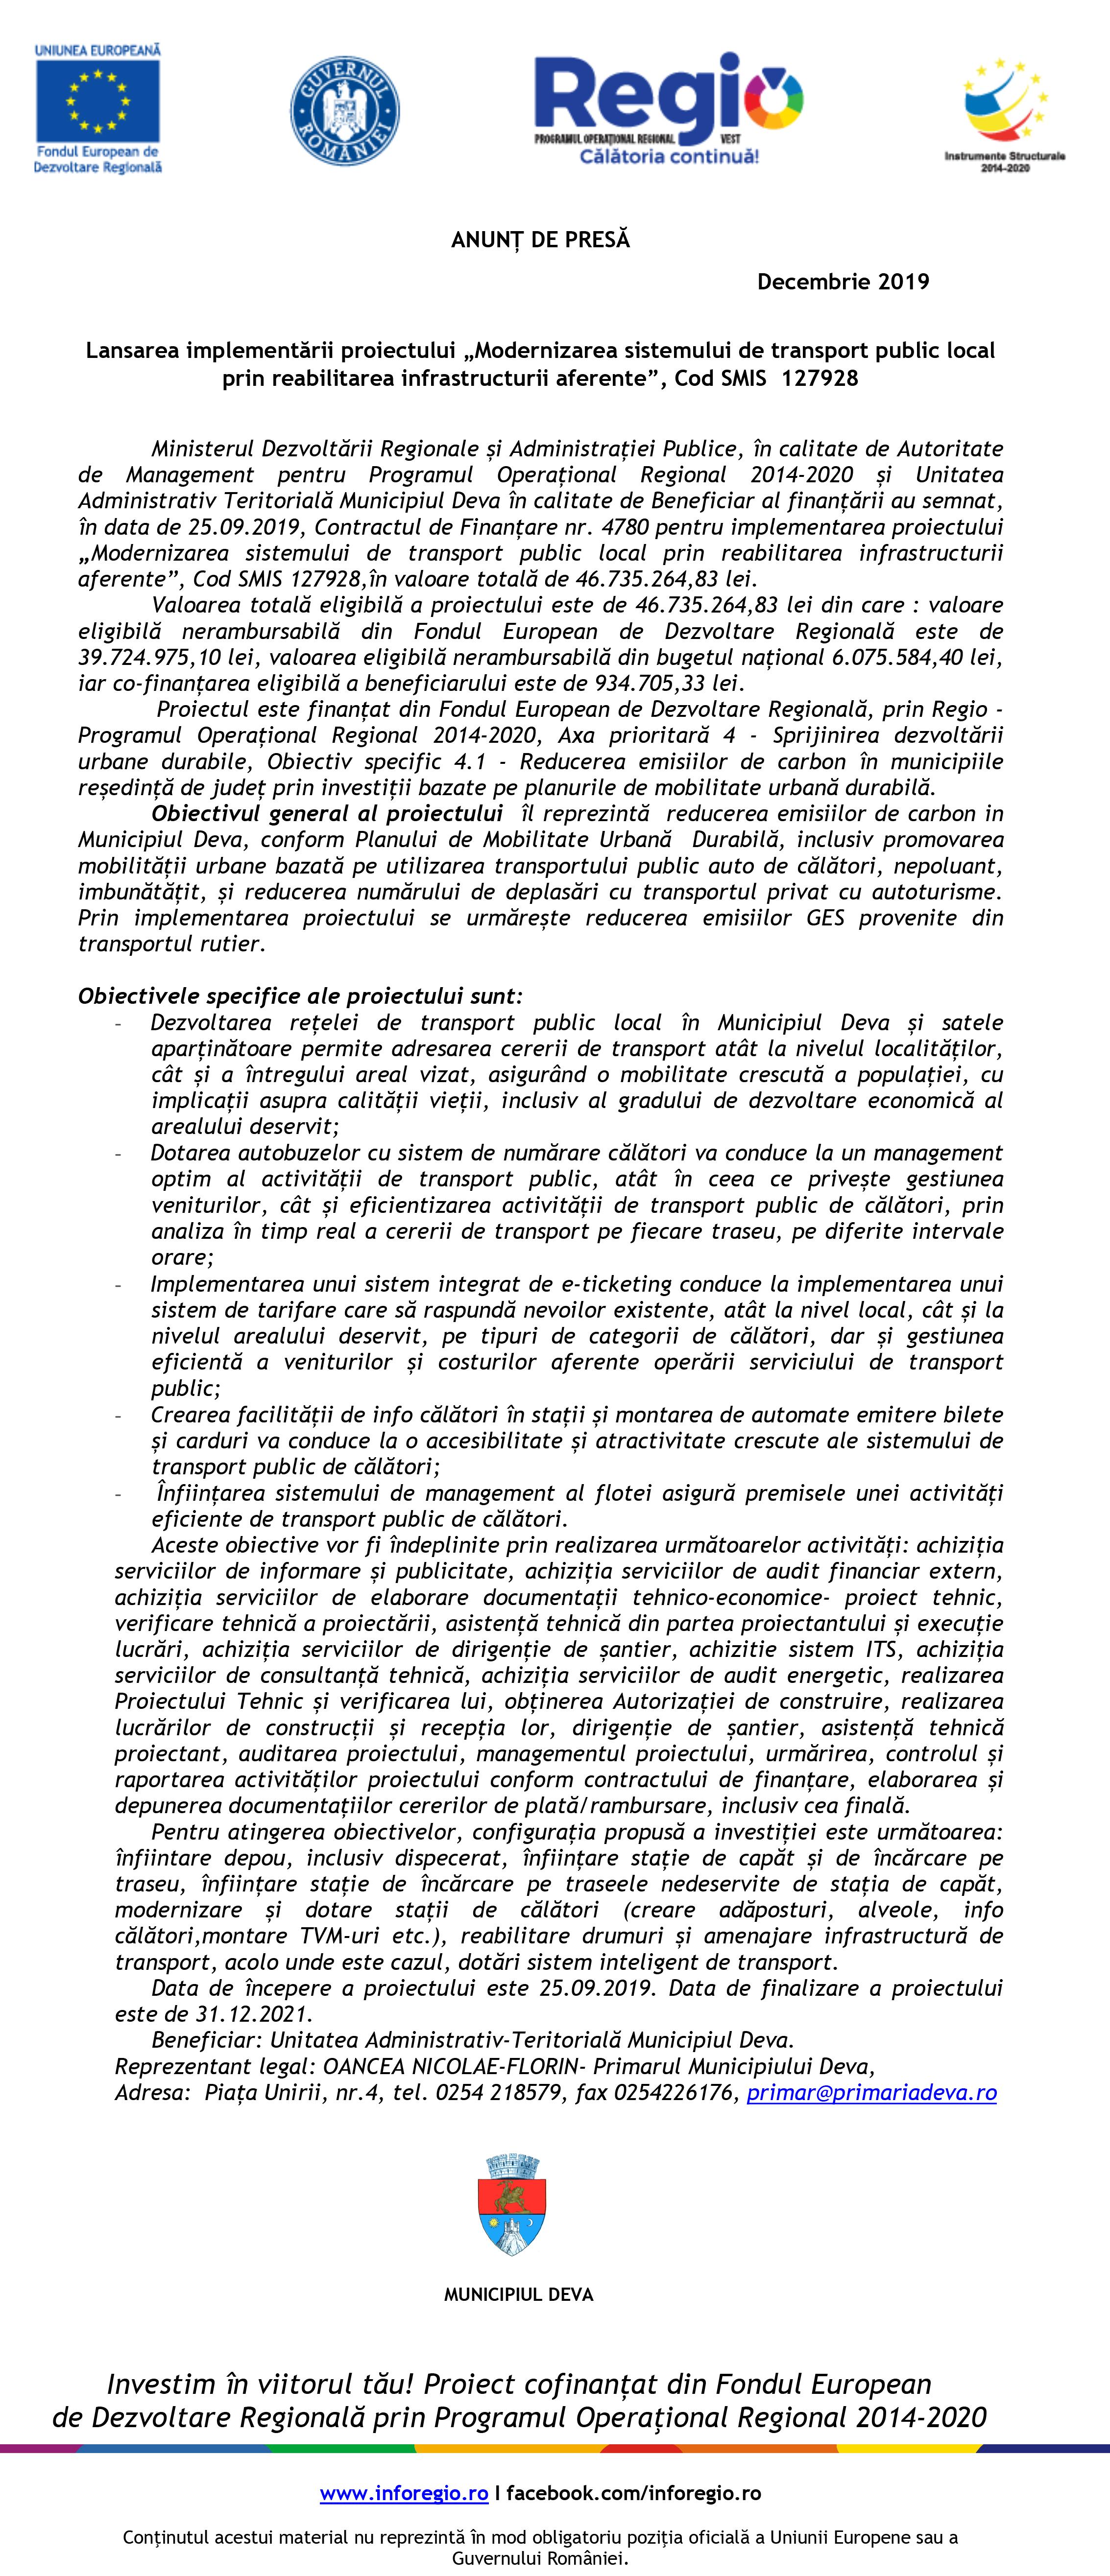 """Comunicat de presă: Lansarea implementării proiectului """"Modernizarea sistemului de transport public local prin reabilitarea infrastructurii aferente"""""""